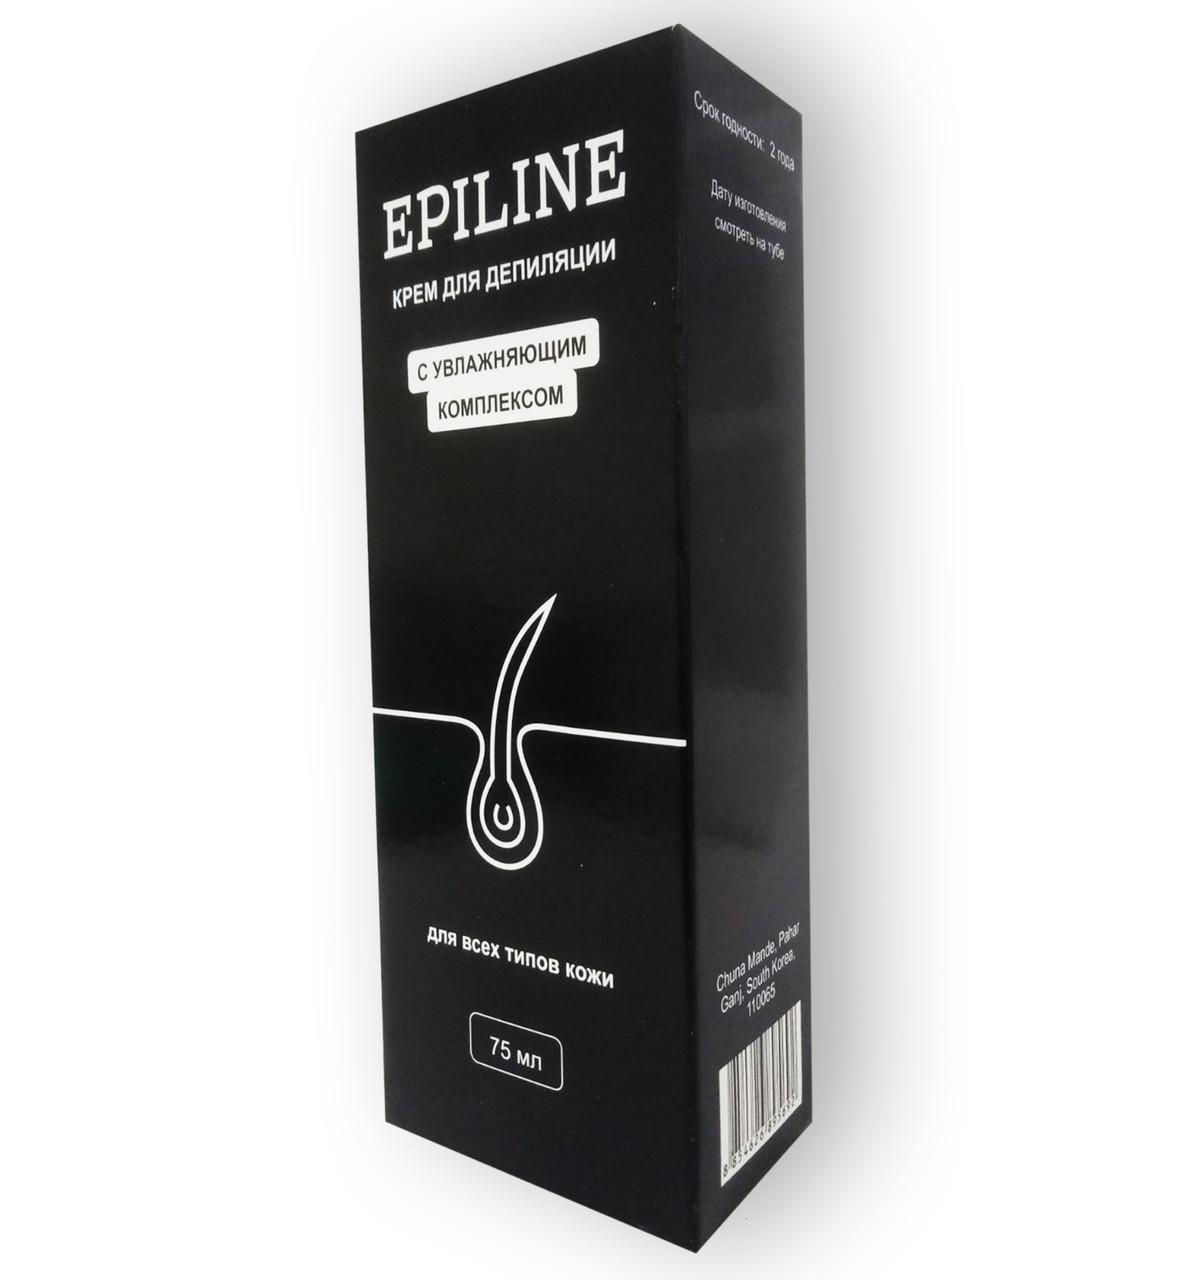 Epiline - Крем для депіляції (Епилайн)